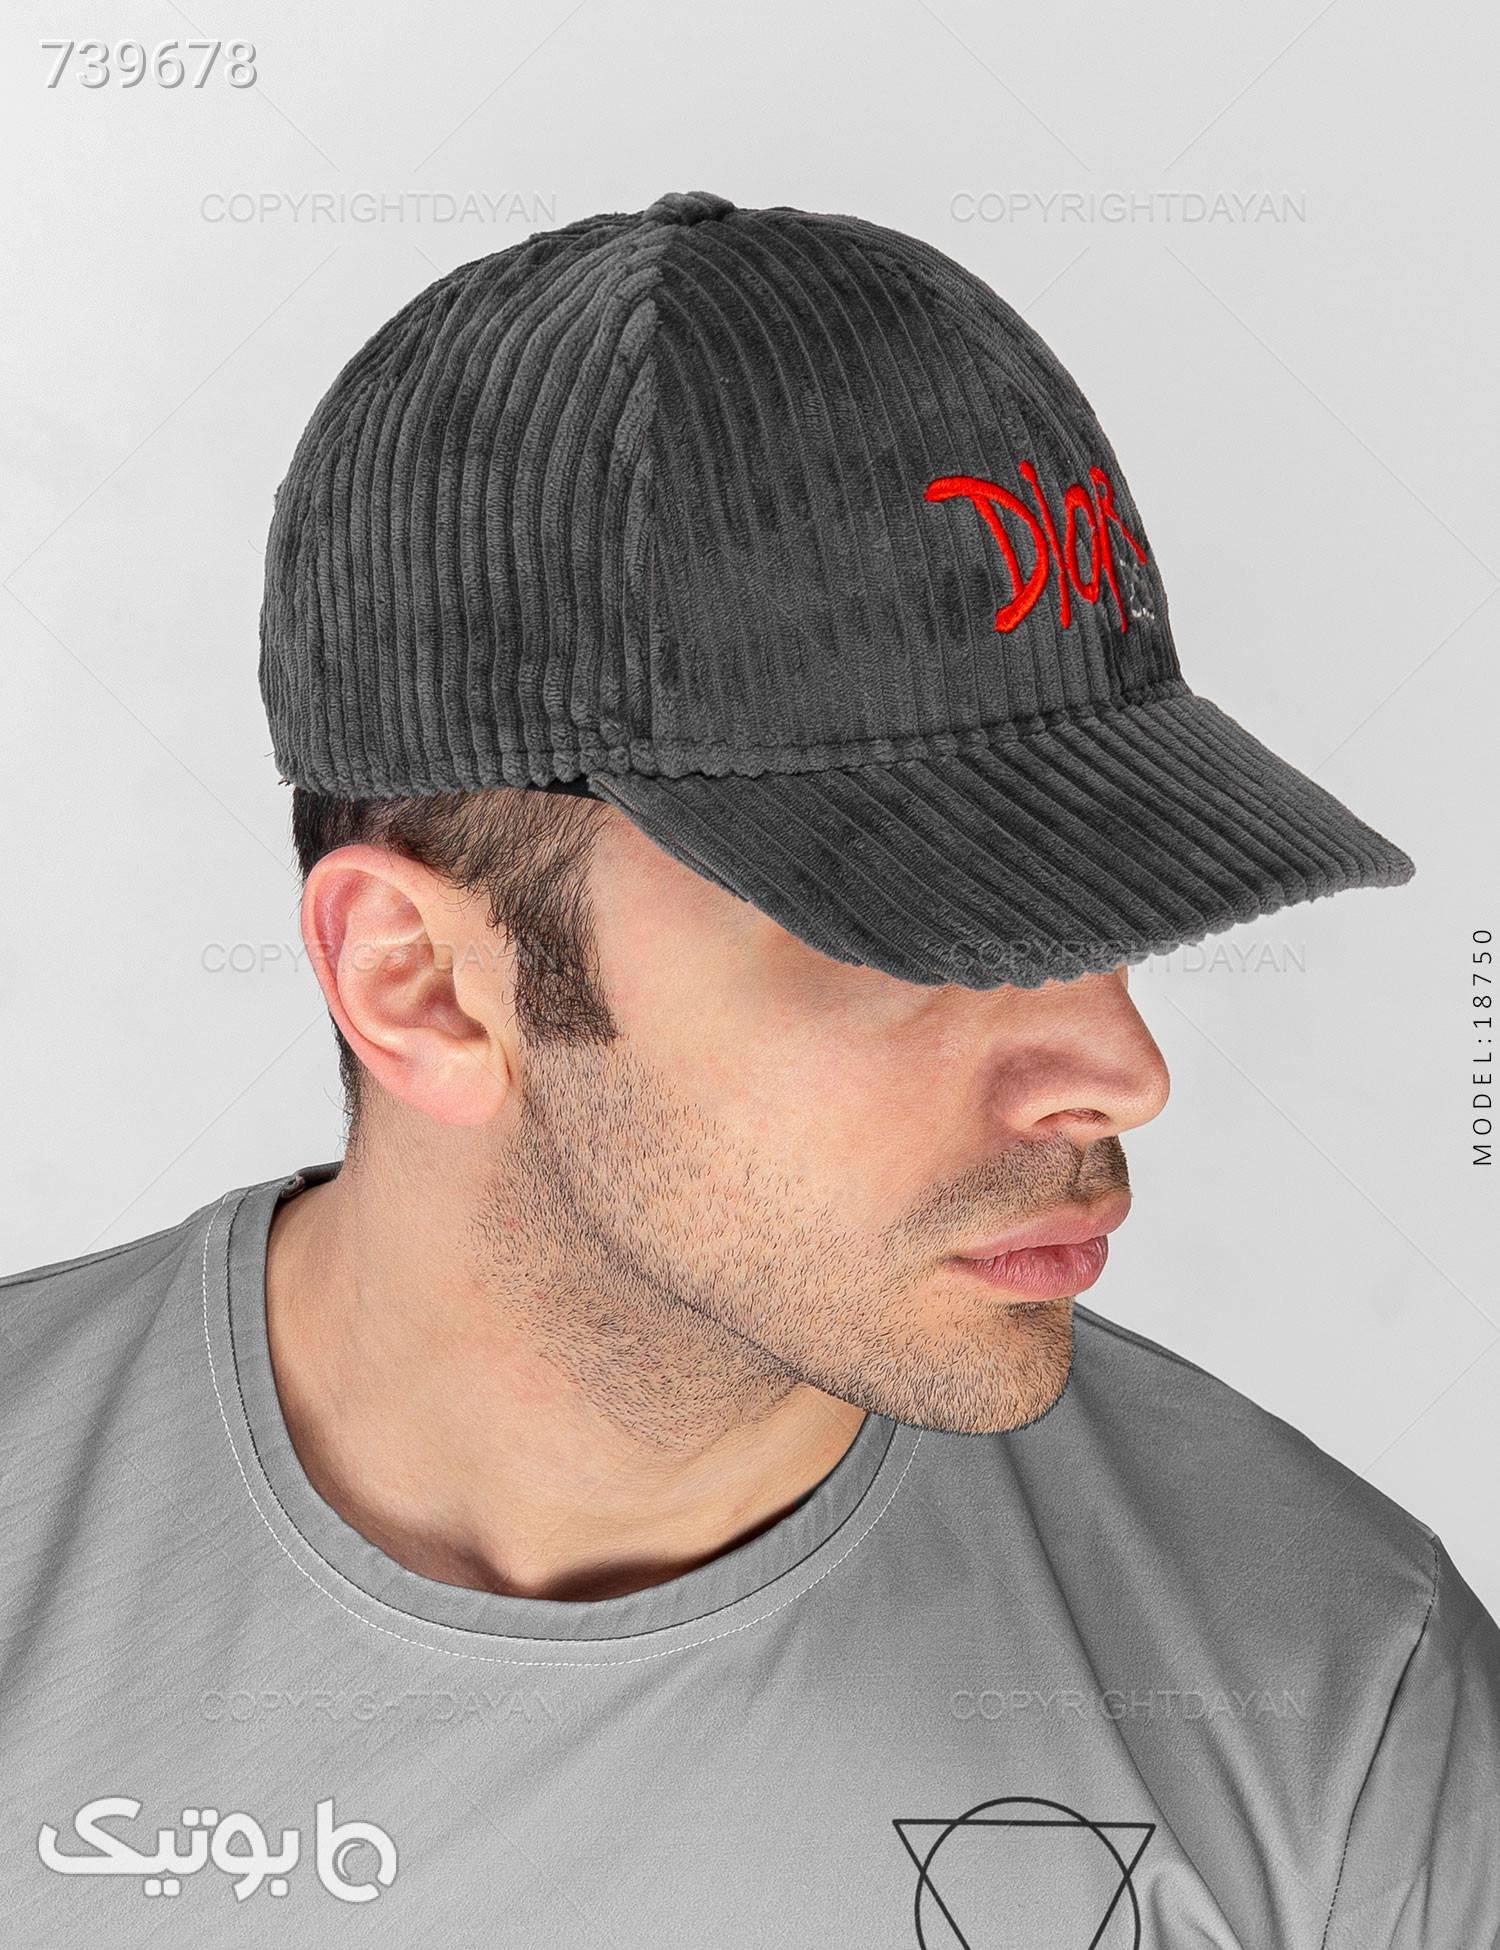 کلاه کپ Dior مدل 18750 طوسی کلاه و اسکارف